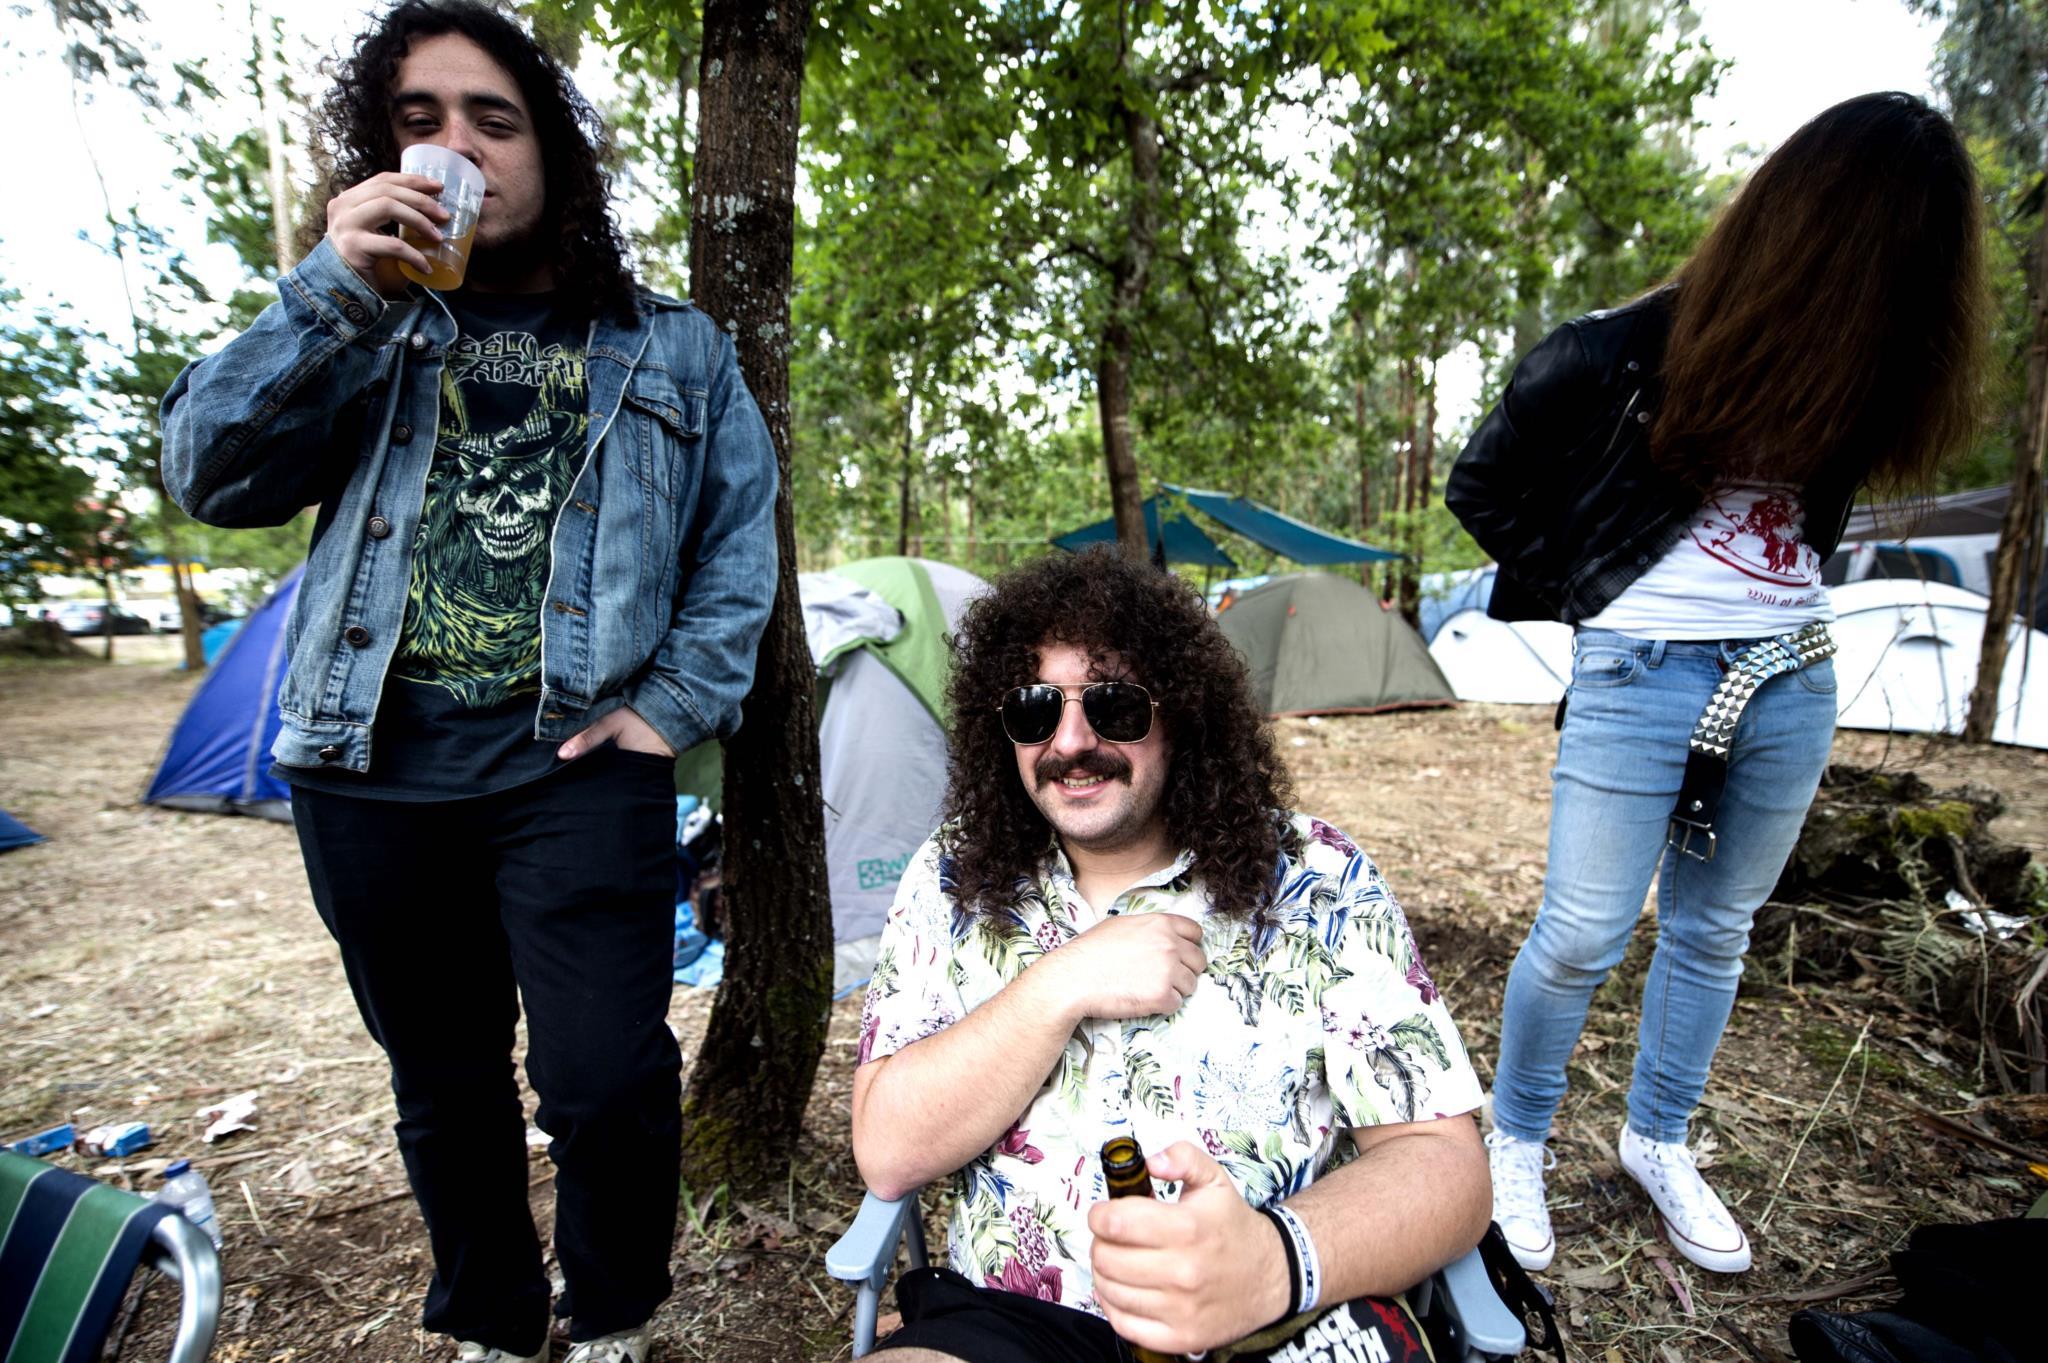 PÚBLICO - Metalfest: a tradição cumpre-se há 20 anos em Barroselas